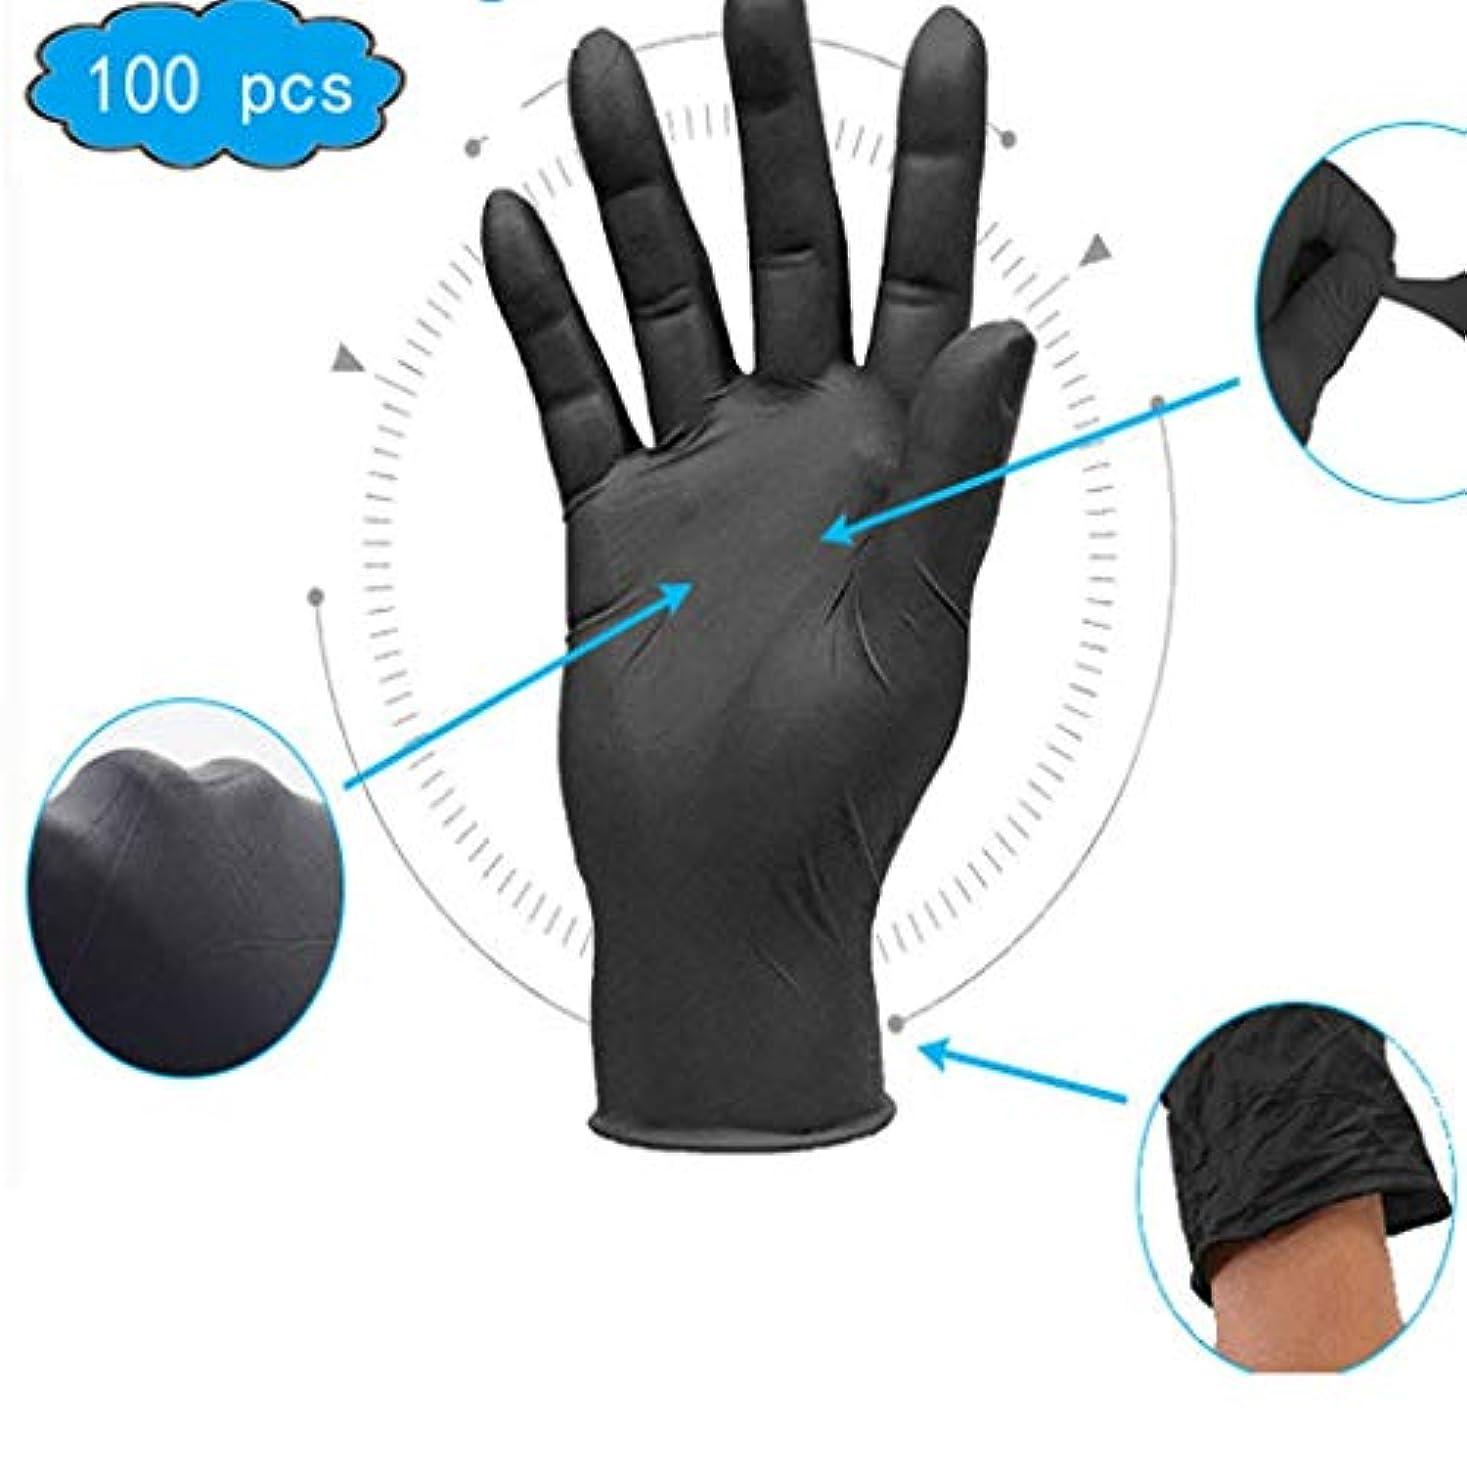 契約したコンパクト私たちの使い捨て手袋 - 健康における、パウダーフリー、ラテックスフリー、大型の100箱、サニタリーグローブ、家庭用ベビーケア用品、研究室および科学製品 (Color : Black, Size : XL)